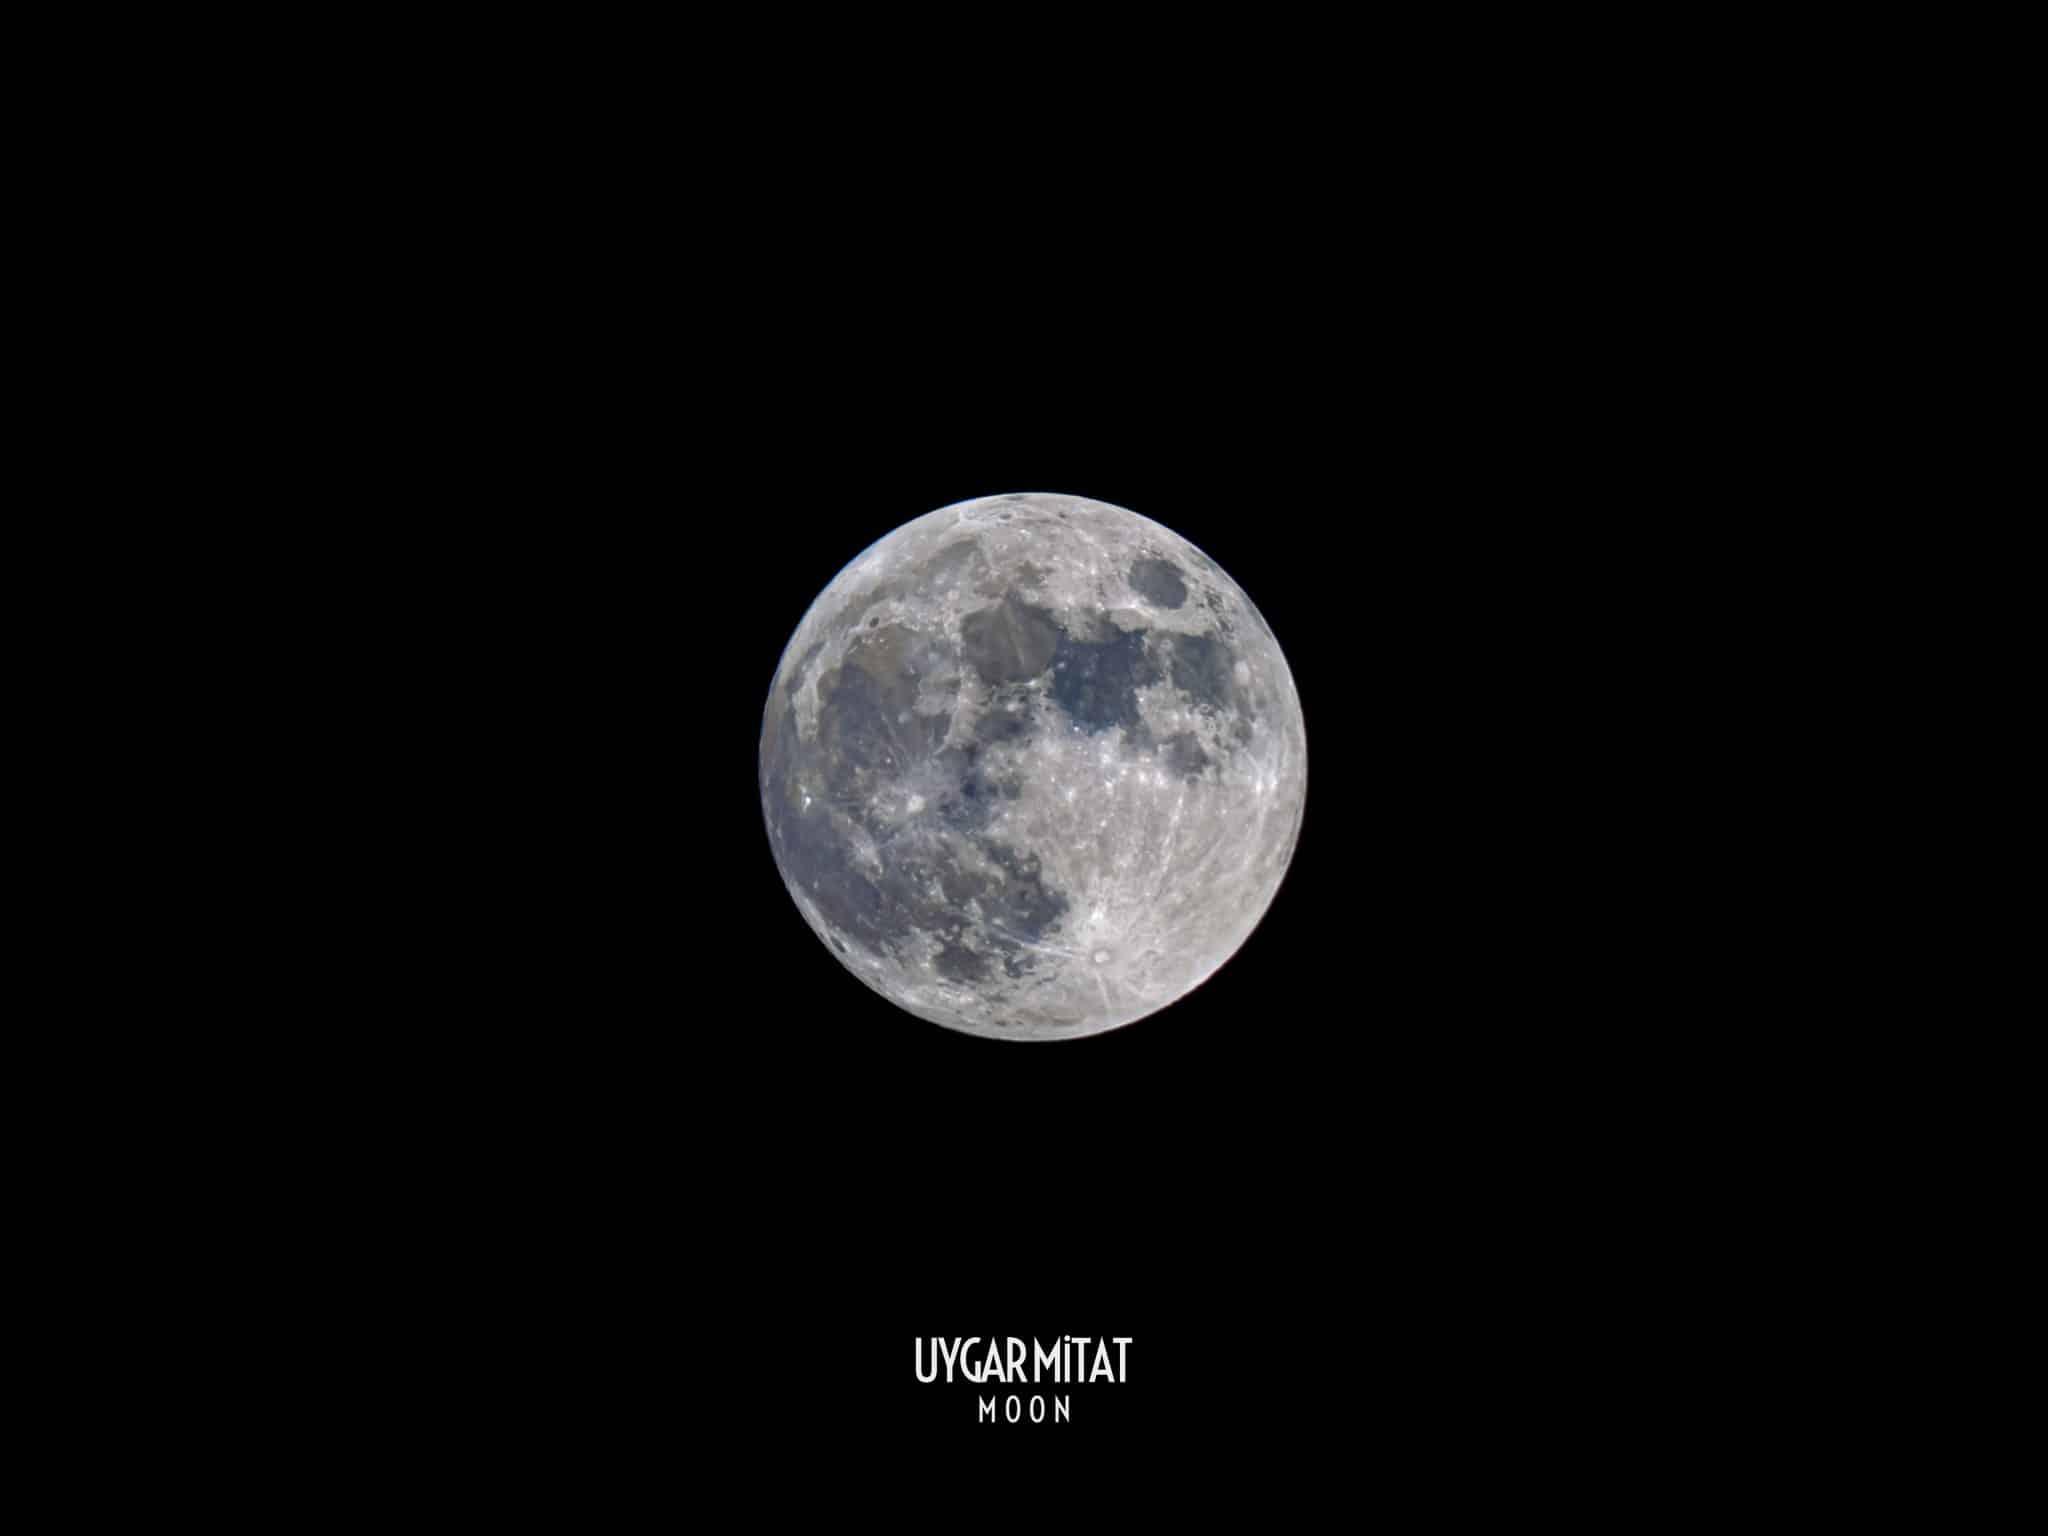 ay fotoğrafı uygar mitat